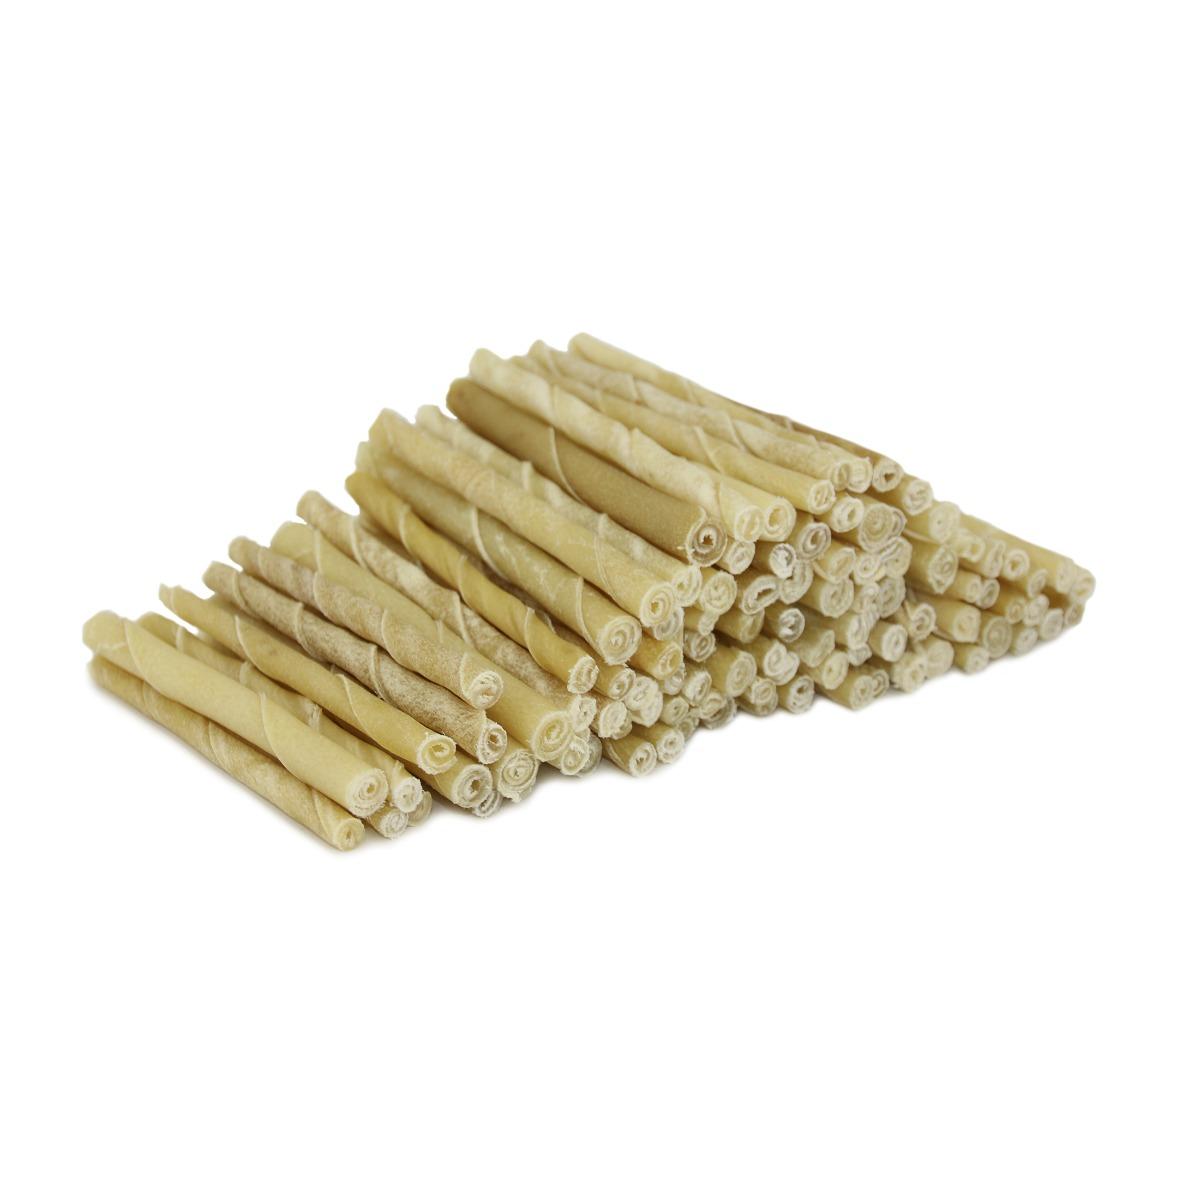 Geen toevoegingen, zuiver natuurlijk product Ongelooide binnenste huidlaag van runderen (Rawhide) Voor lang kauwplezier. Voor een schoon gebit en ter voorkoming van tandplak. De natuurlijke tandenborstel van je hond. Volledig verteerbaar. Lengte ca 13 cm, 9-10 mm dik.